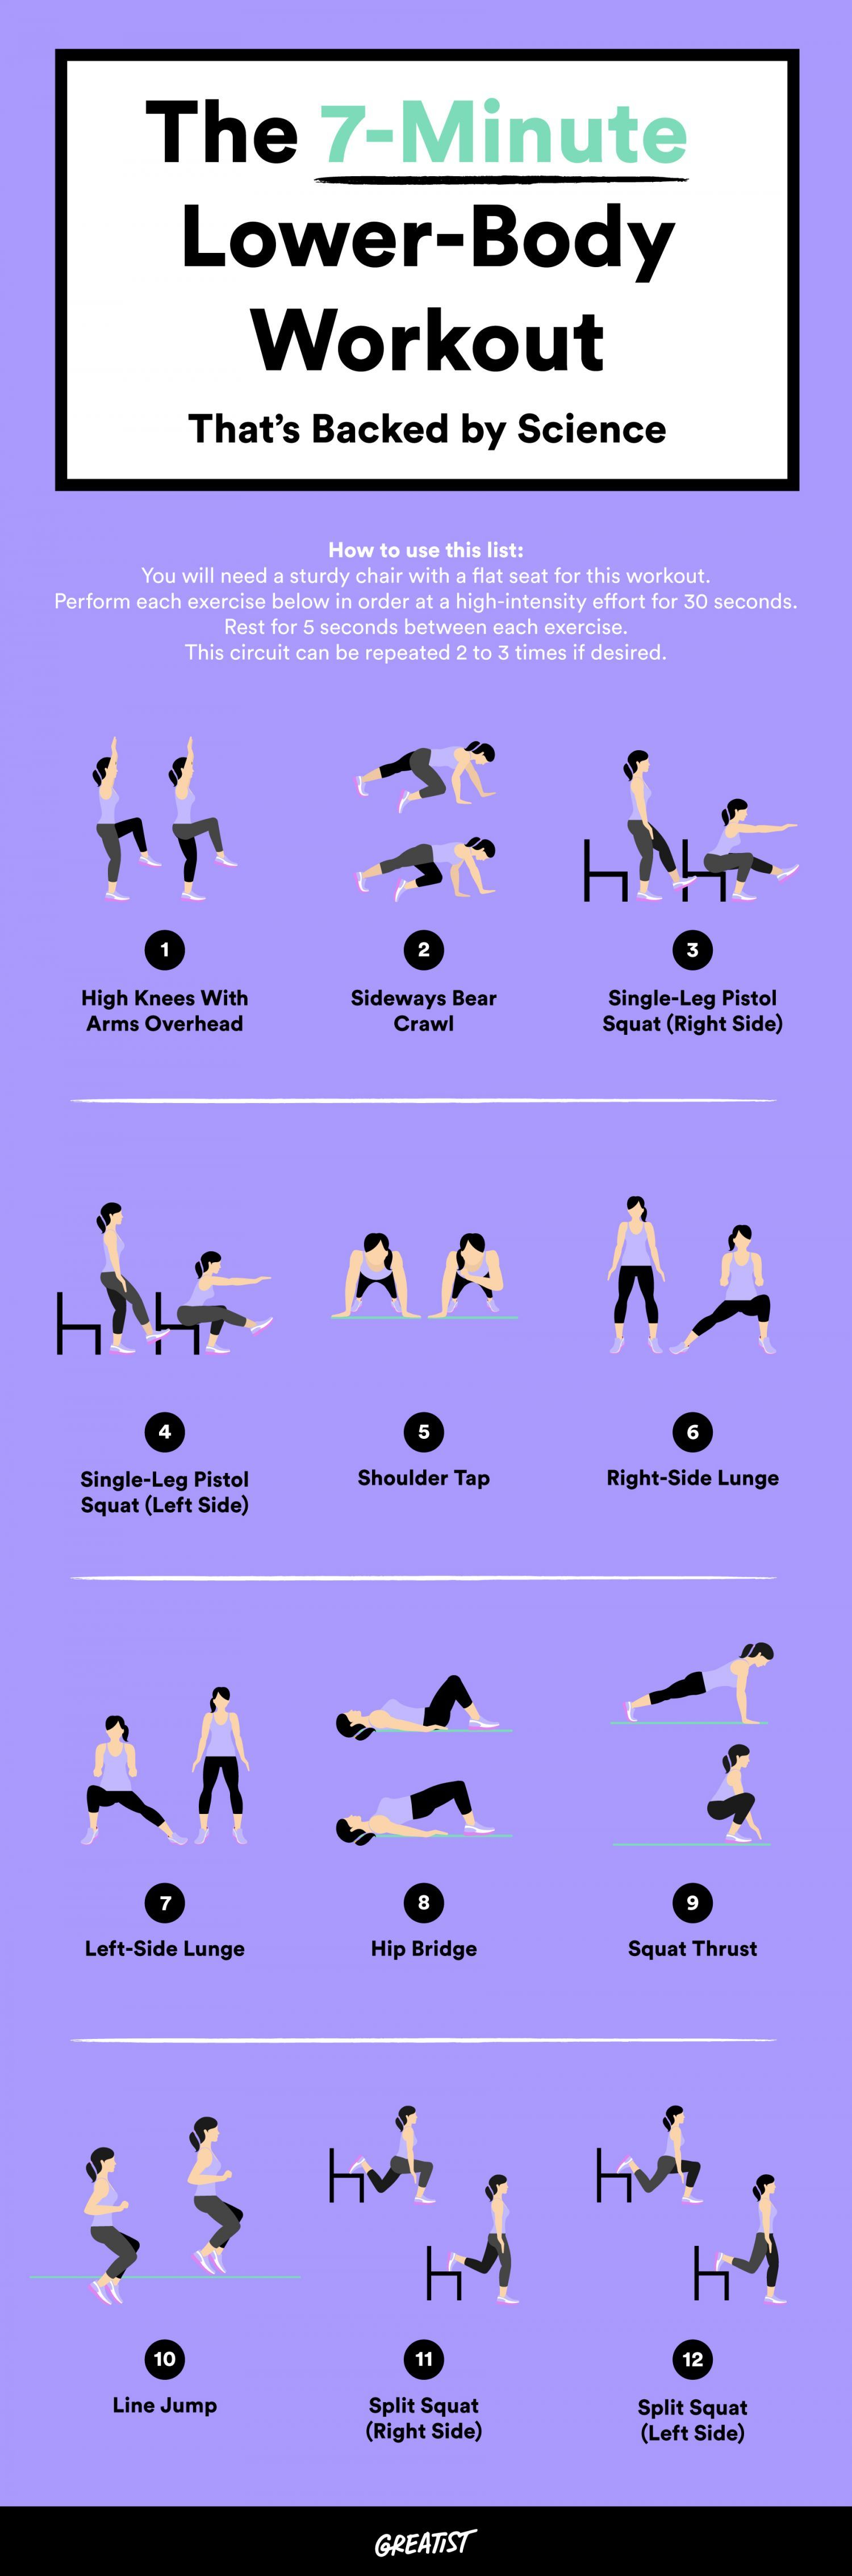 Pin On Helpful Tips